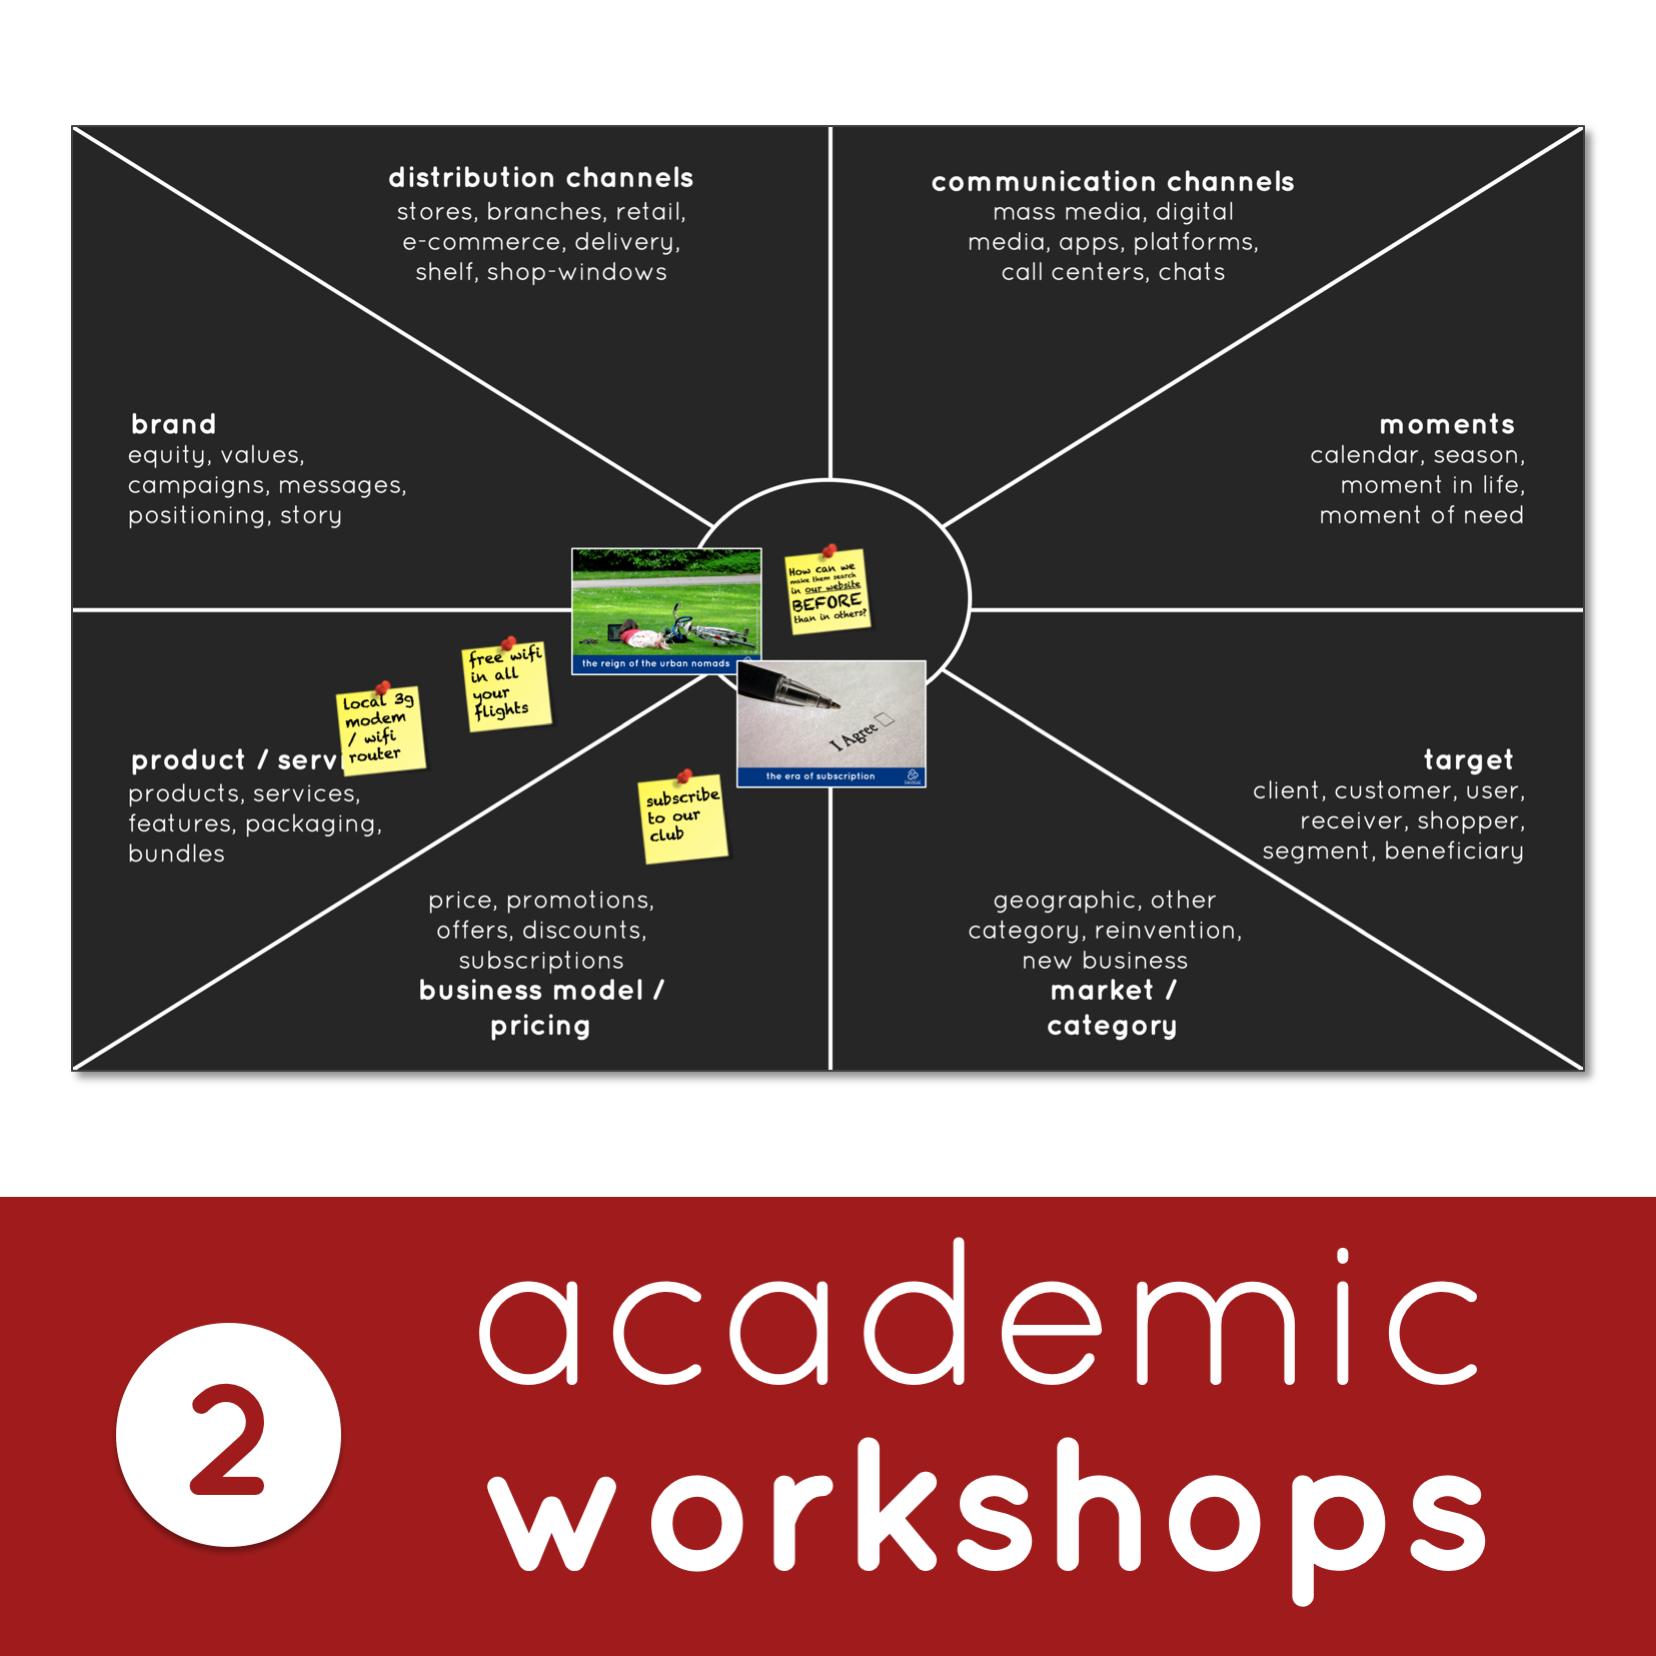 Value-Creation Academic Workshops